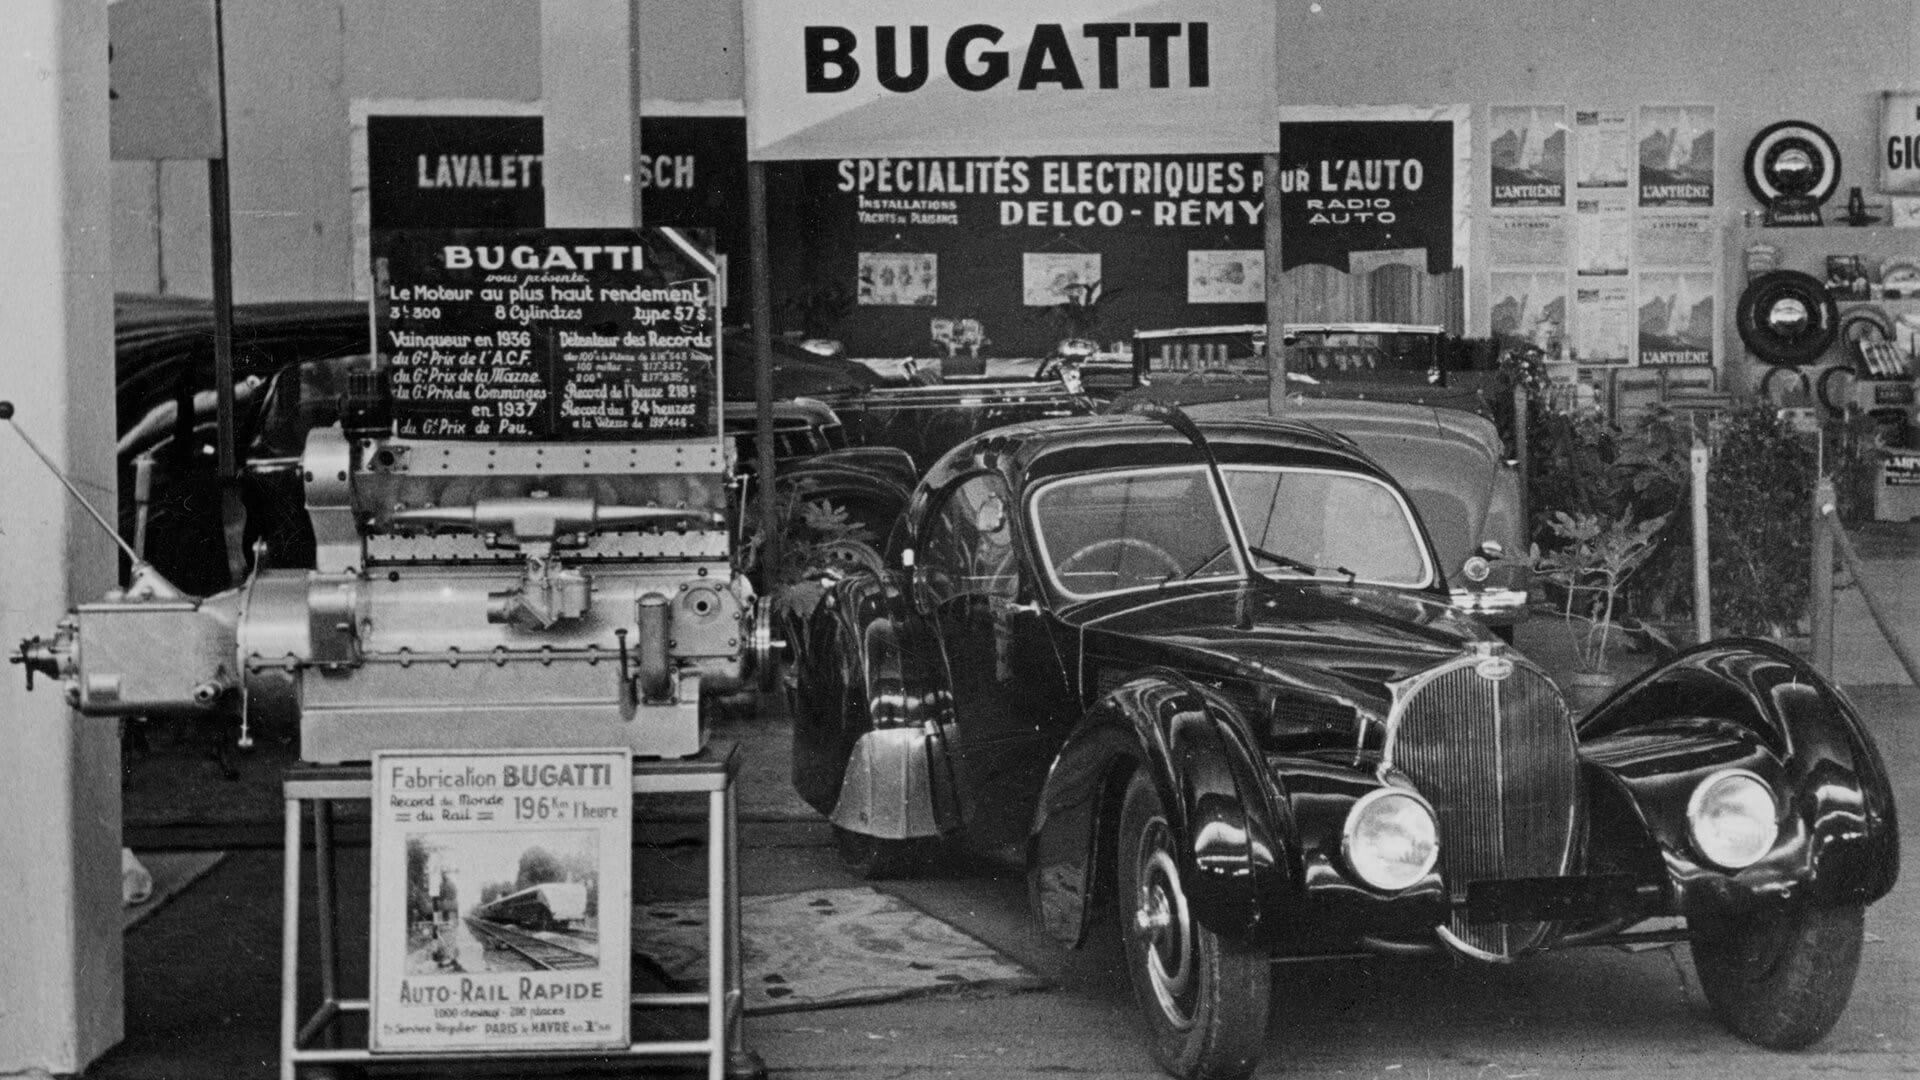 Bugatti Type 57S/SC (1934-1940)